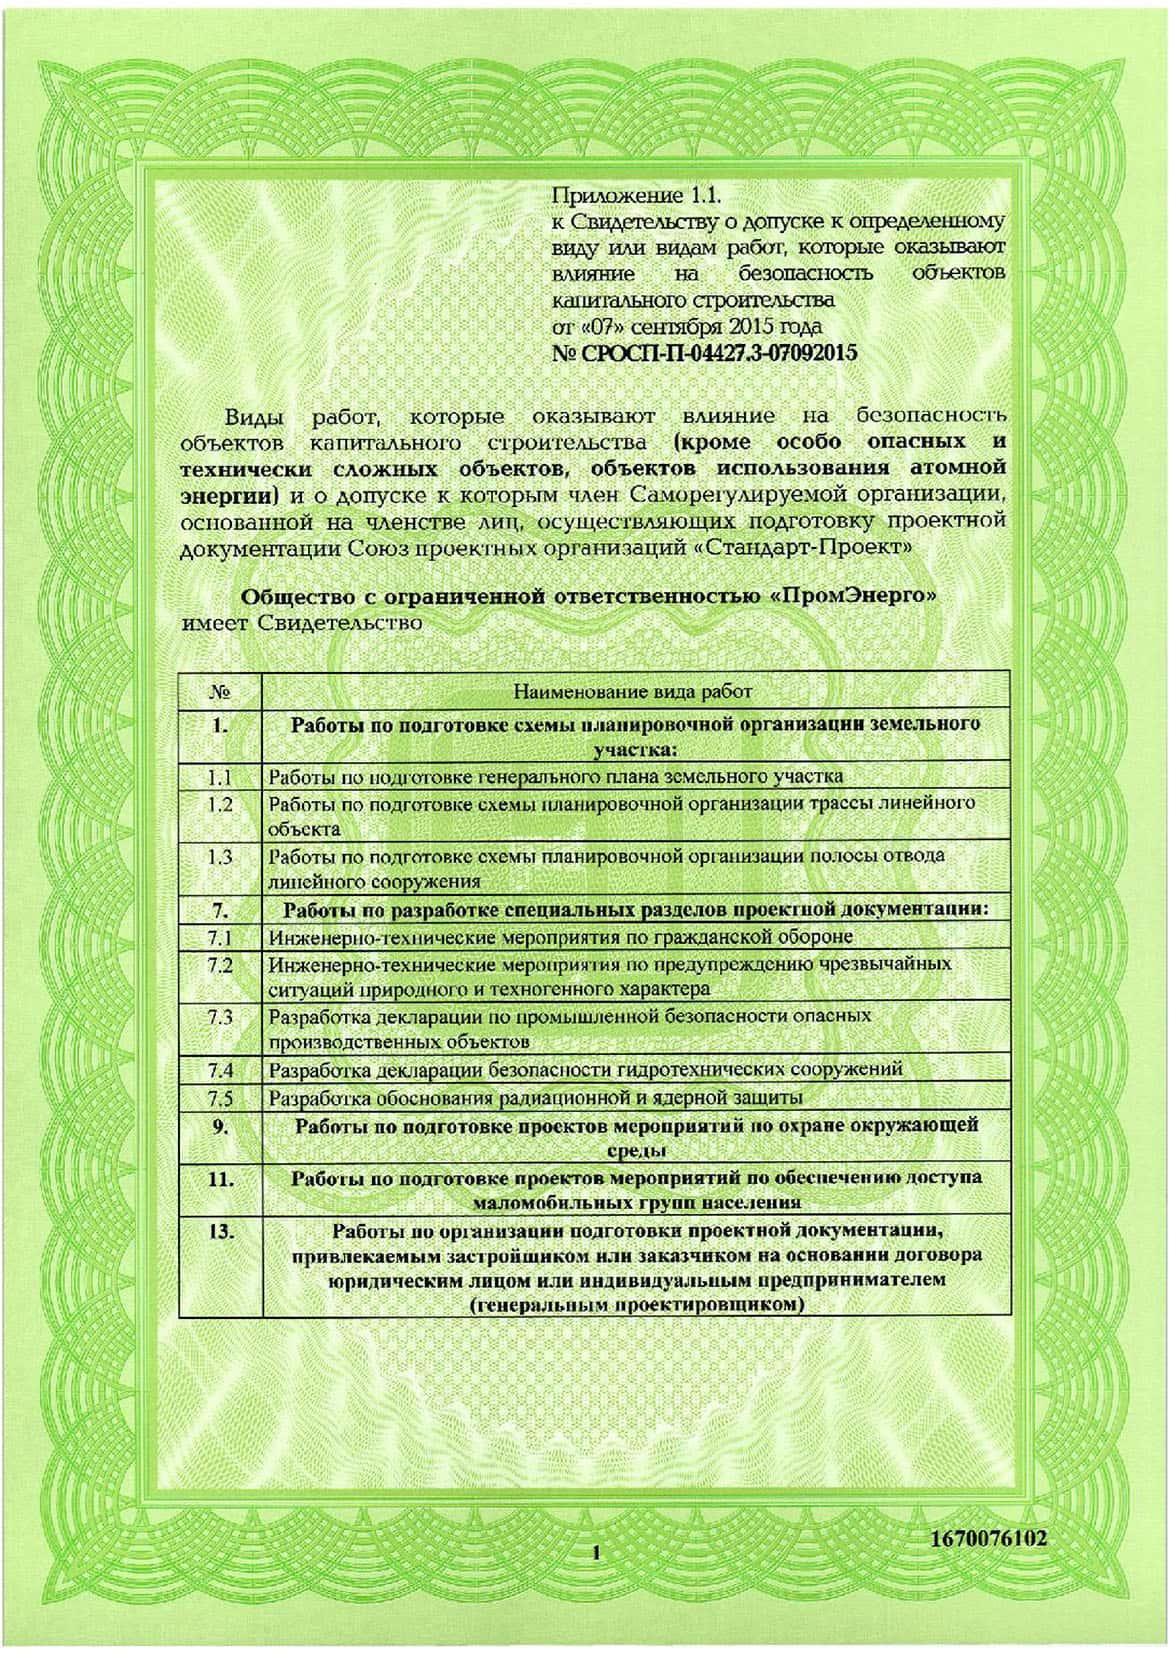 Свидетельство СРО ООО ПромЭнерго 2